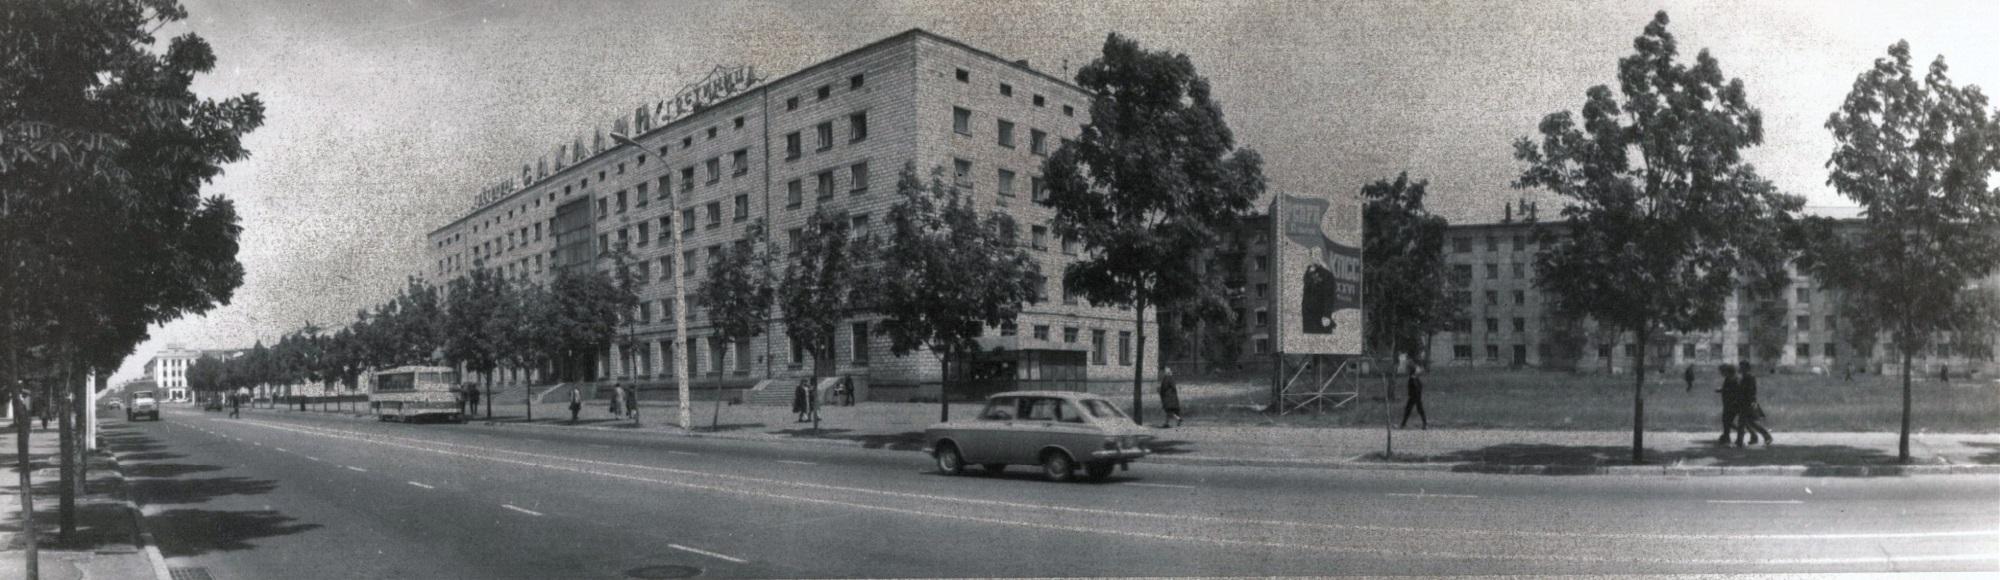 Панорама улицы Ленина, вид на гостиницу Сахалин. г. Южно-Сахалинск